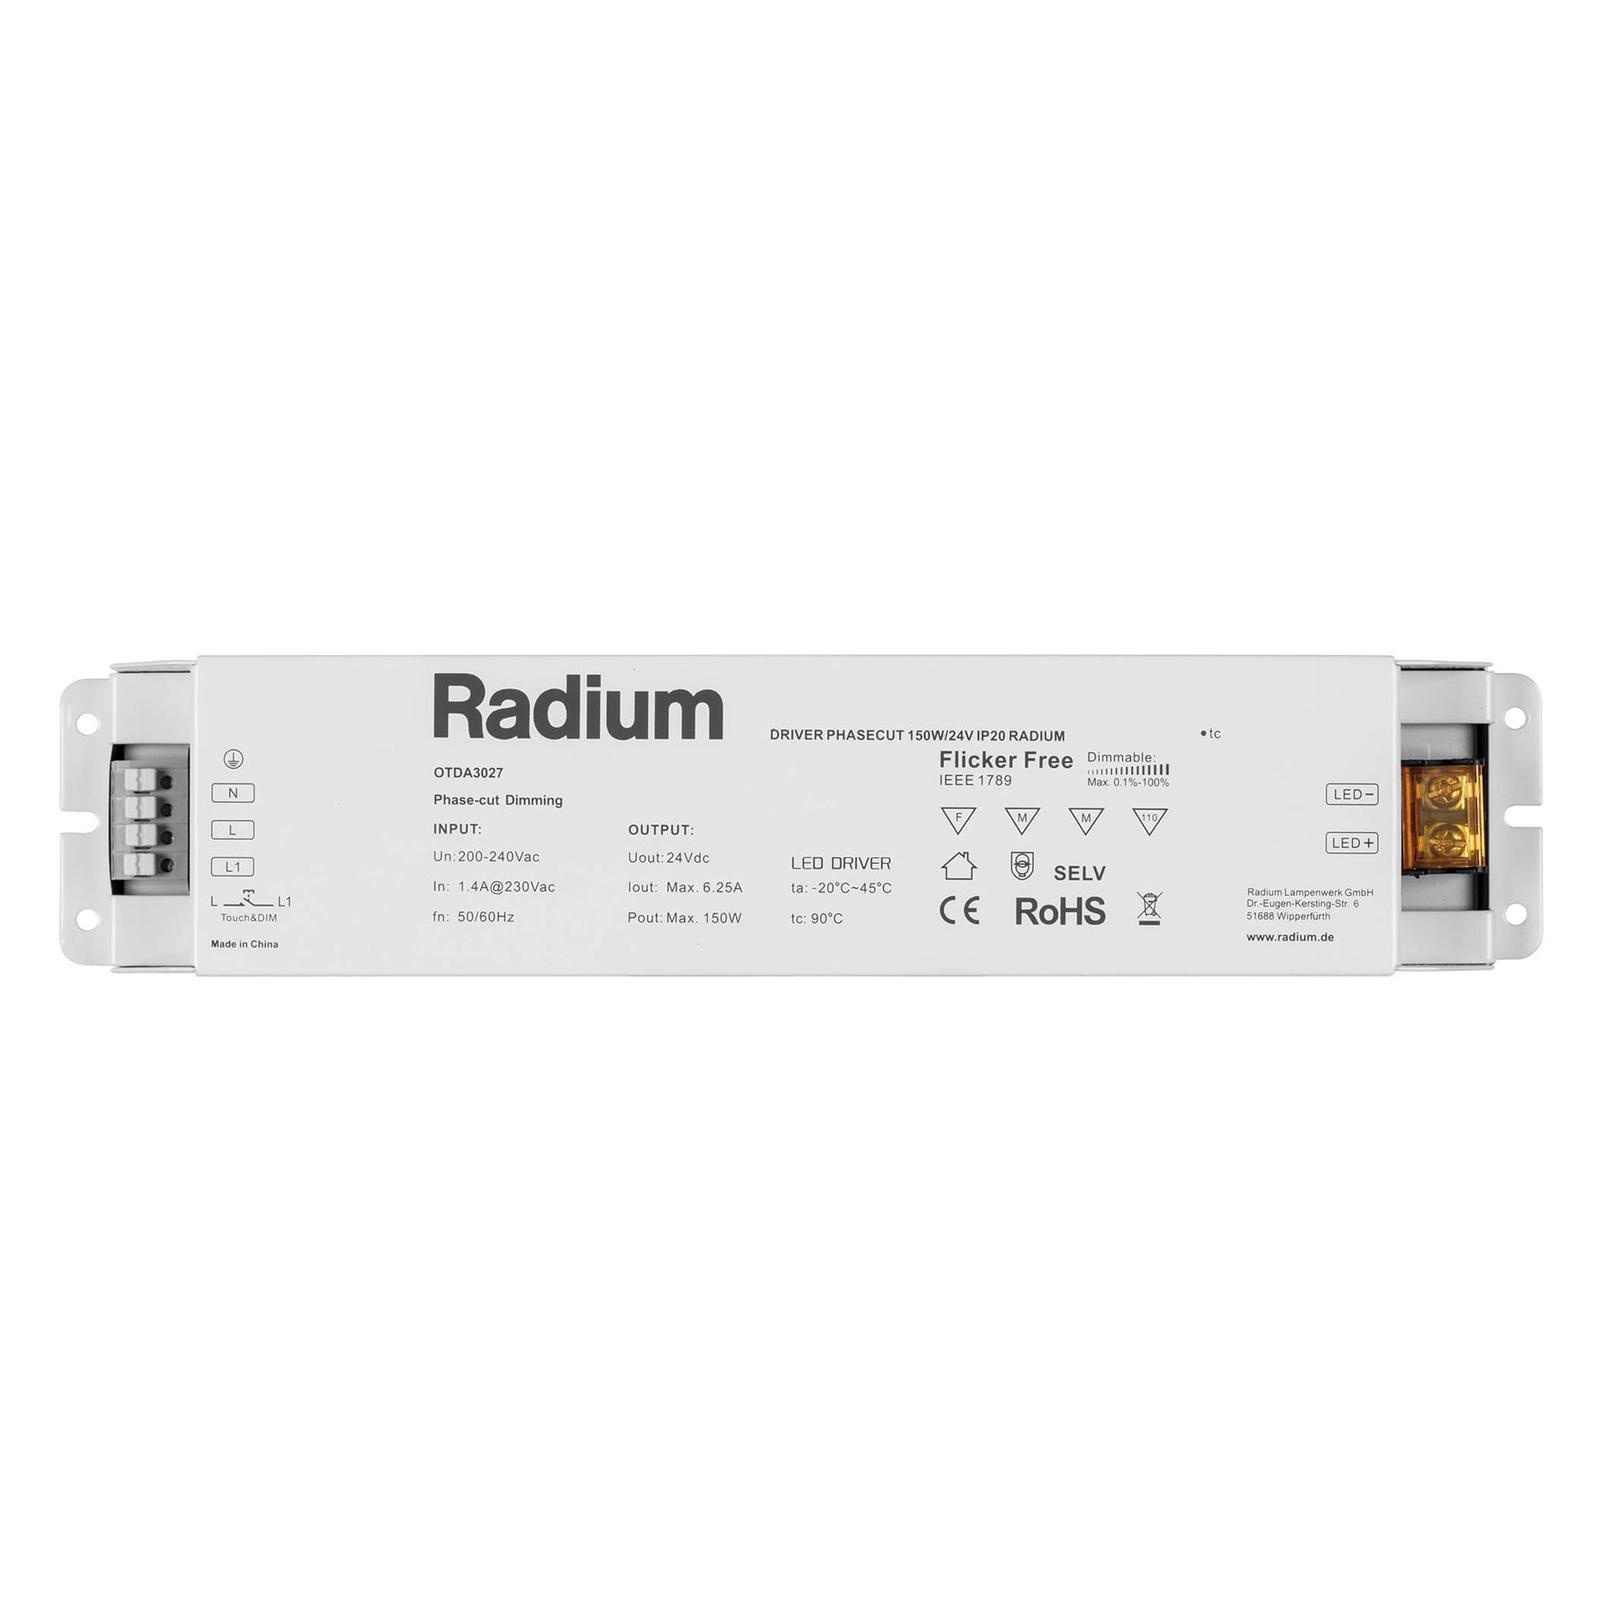 LED-Netzteil Radium OTDA 24V-DC, 150 W